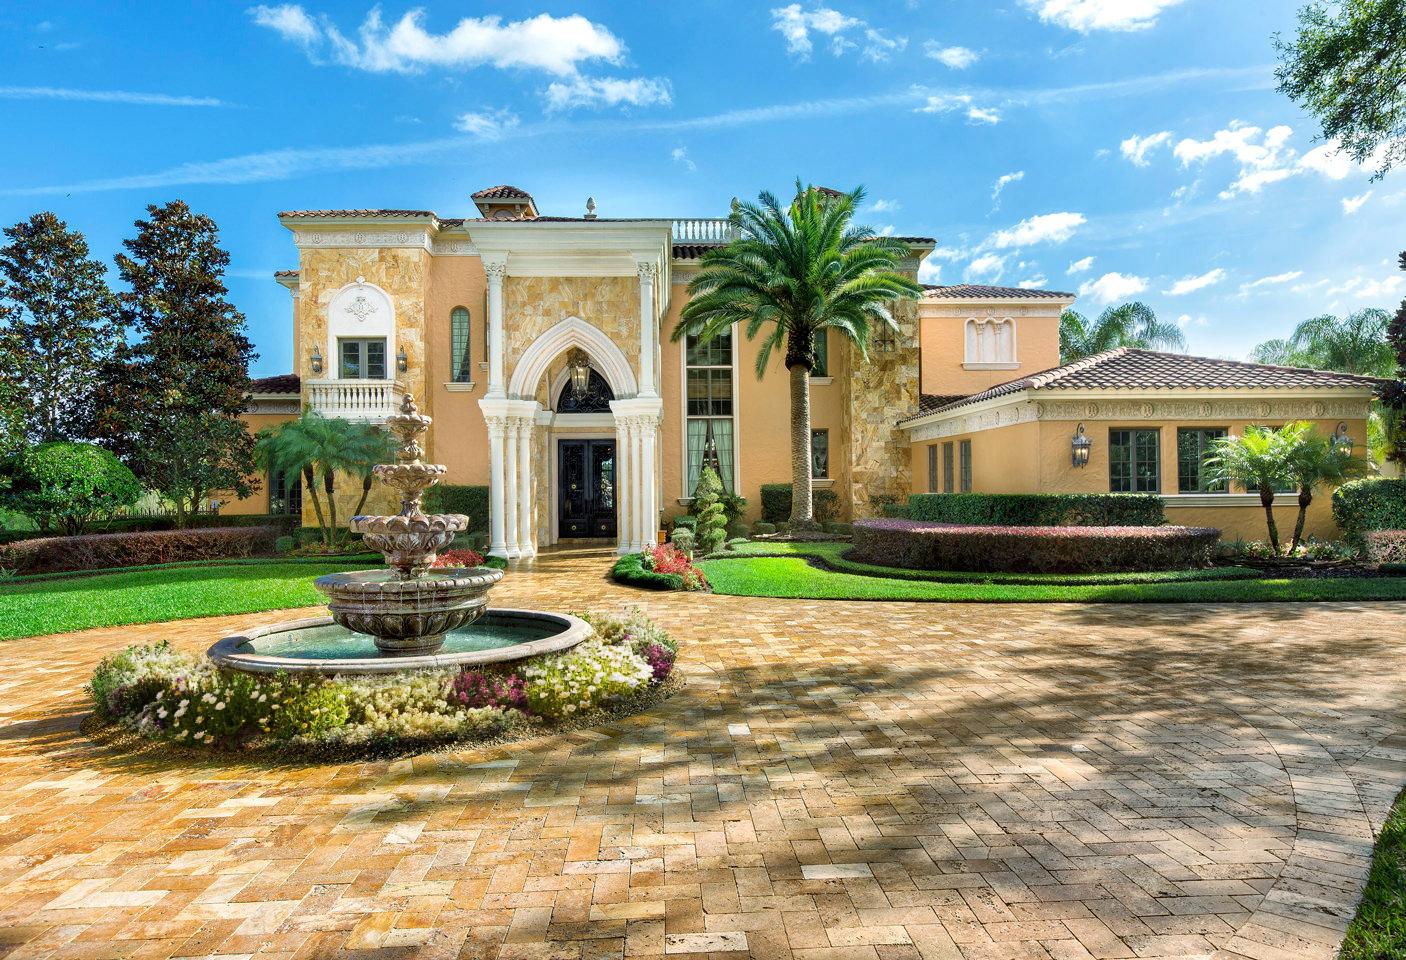 Florida Mega Mansions For Sale Florida Mega Mansions For